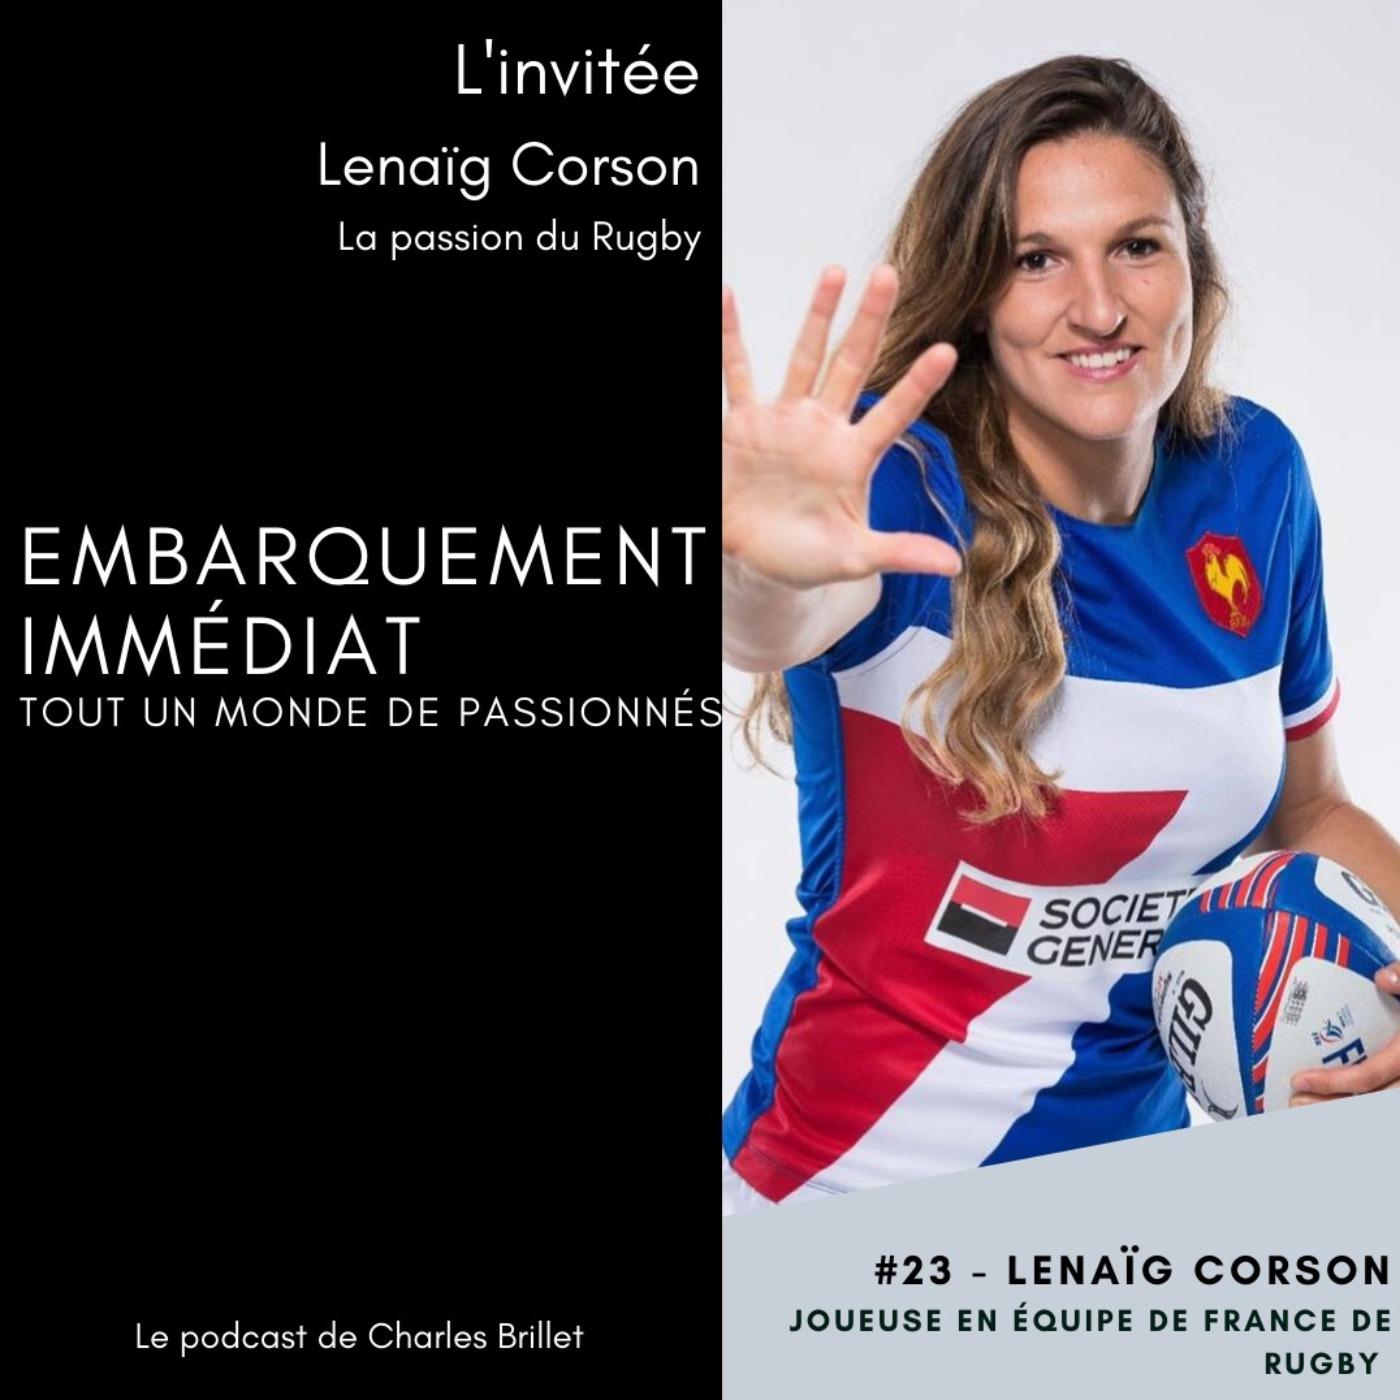 #23 - Lenaïg Corson - La passion du Rugby au féminin